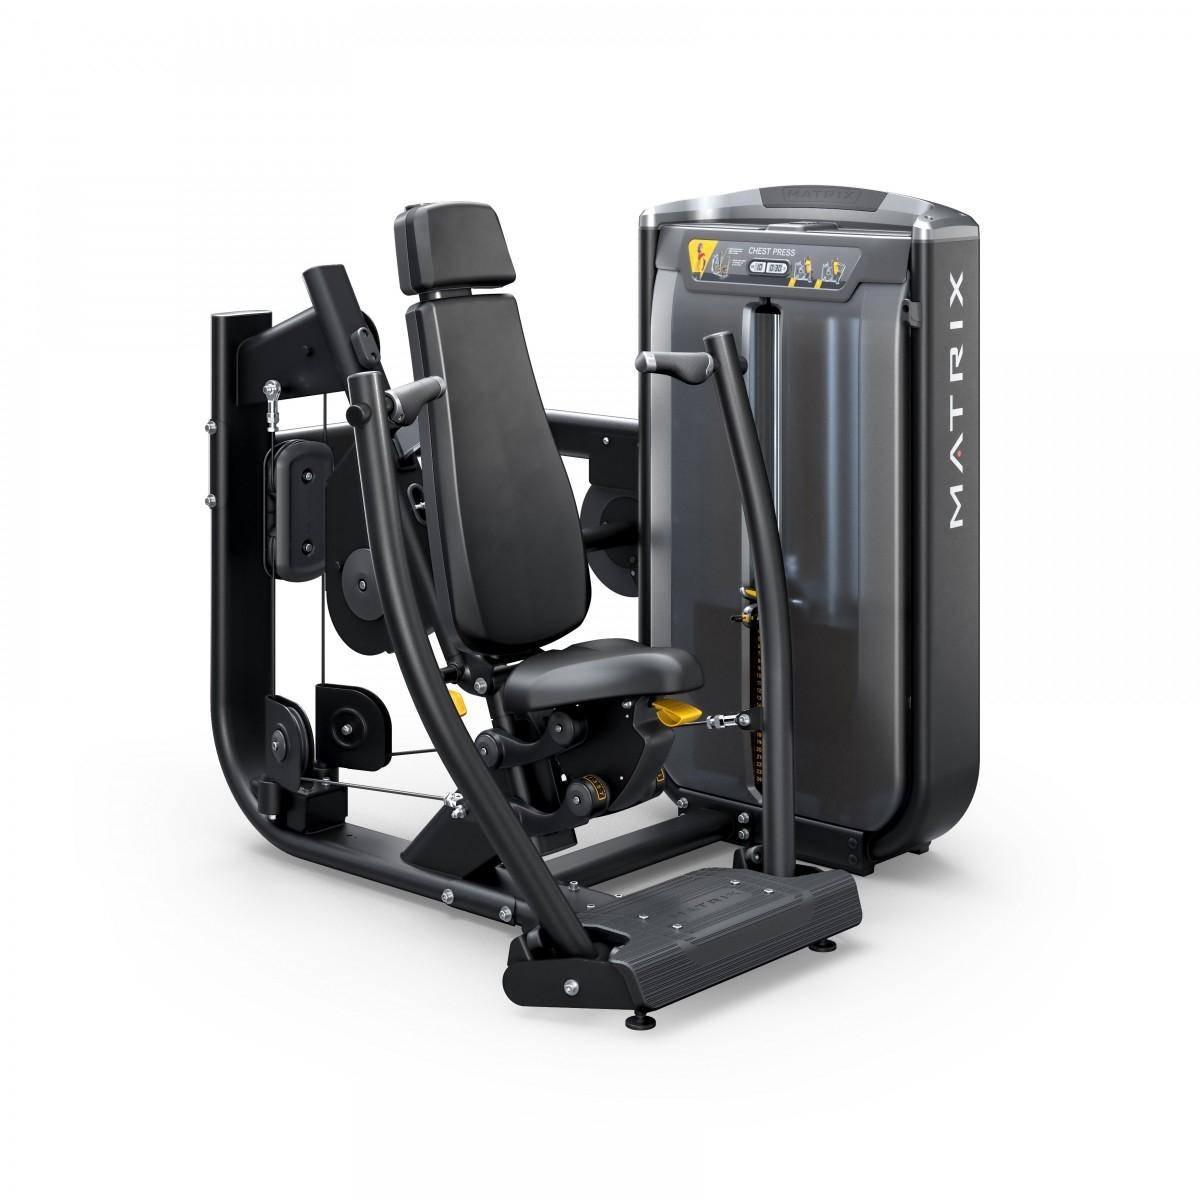 matrix ultra s13 gymutrustning casall pro träningsmaskin